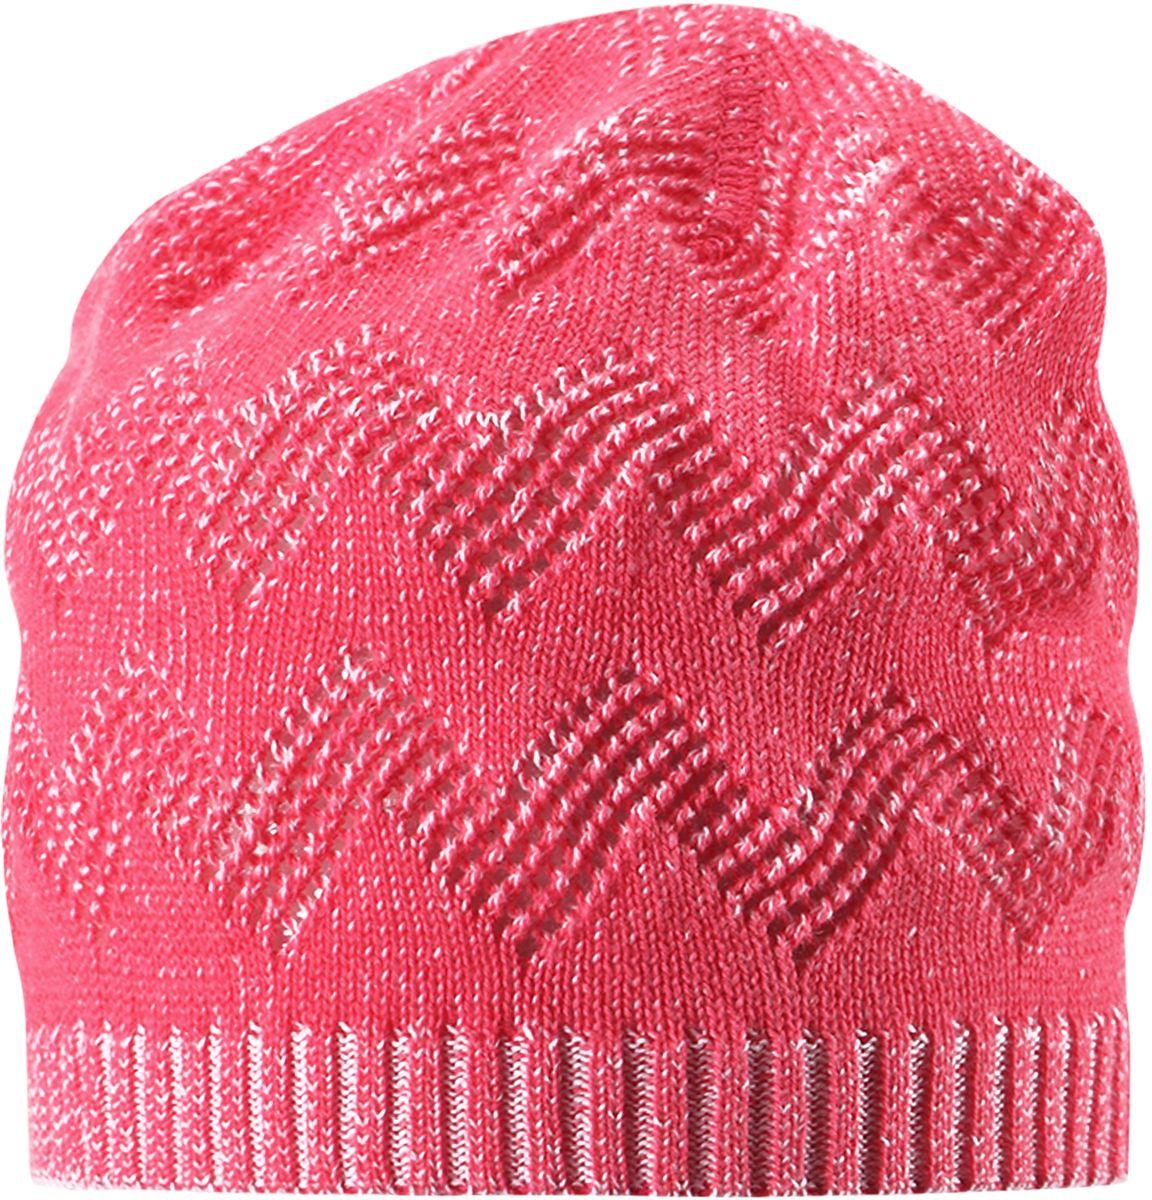 Шапка для девочки Reima Piranja, цвет: розовый. 5285283360. Размер 525285283360Детская шапка станет превосходным выбором в межсезонье, в ней можно и поиграть во дворе, и прогуляться по городу. Изготовлена из мягкого и комфортного вязаного хлопка. Эта симпатичная облегченная модель без подкладки идеально подходит для солнечной погоды.